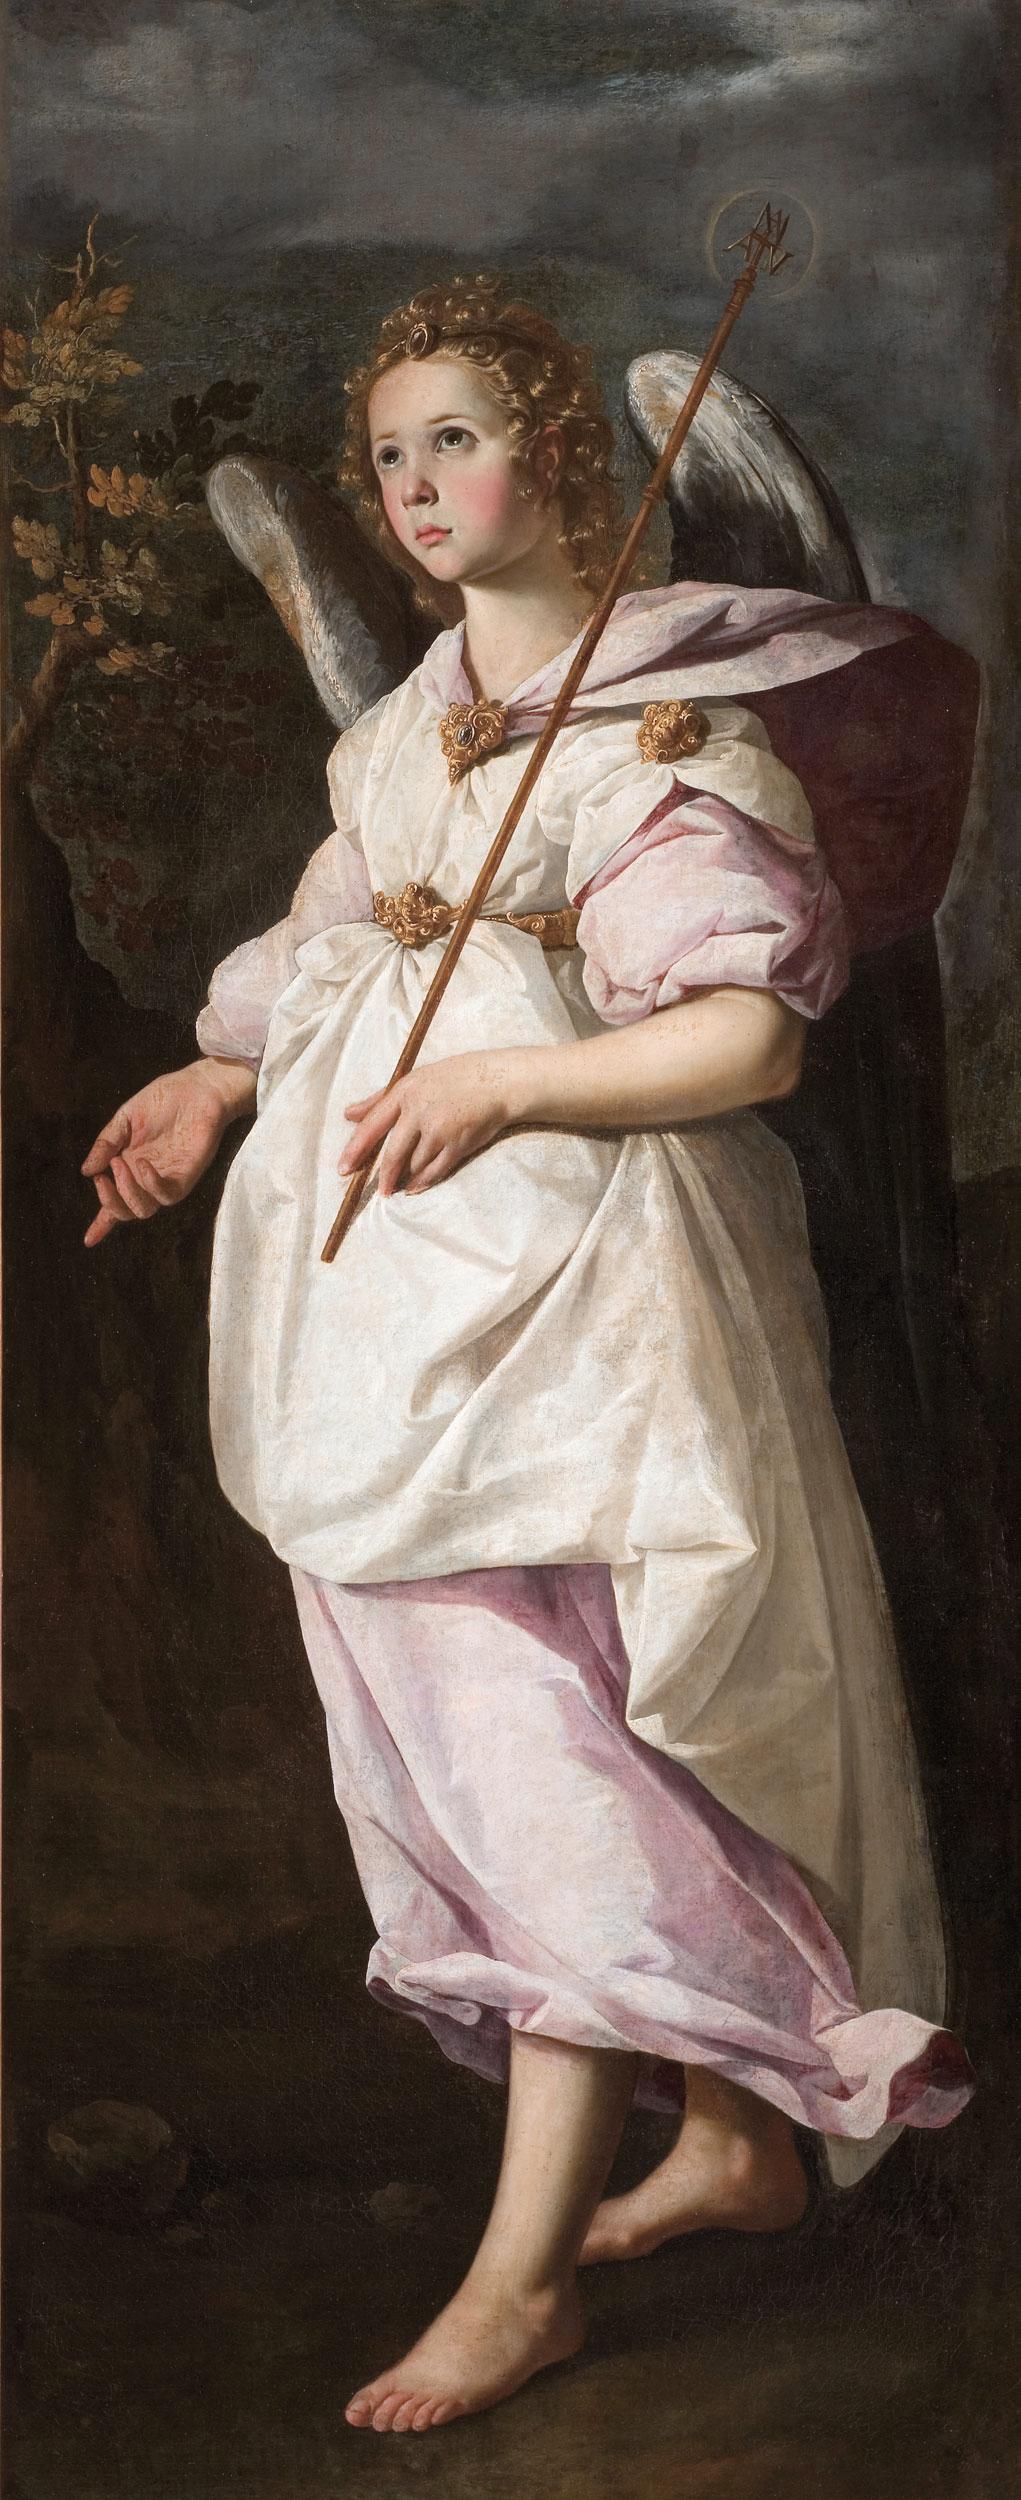 Francisco de Zurbarán, Der Erzengel Gabriel, 1631/1632, Musée Fabre, Montpellier